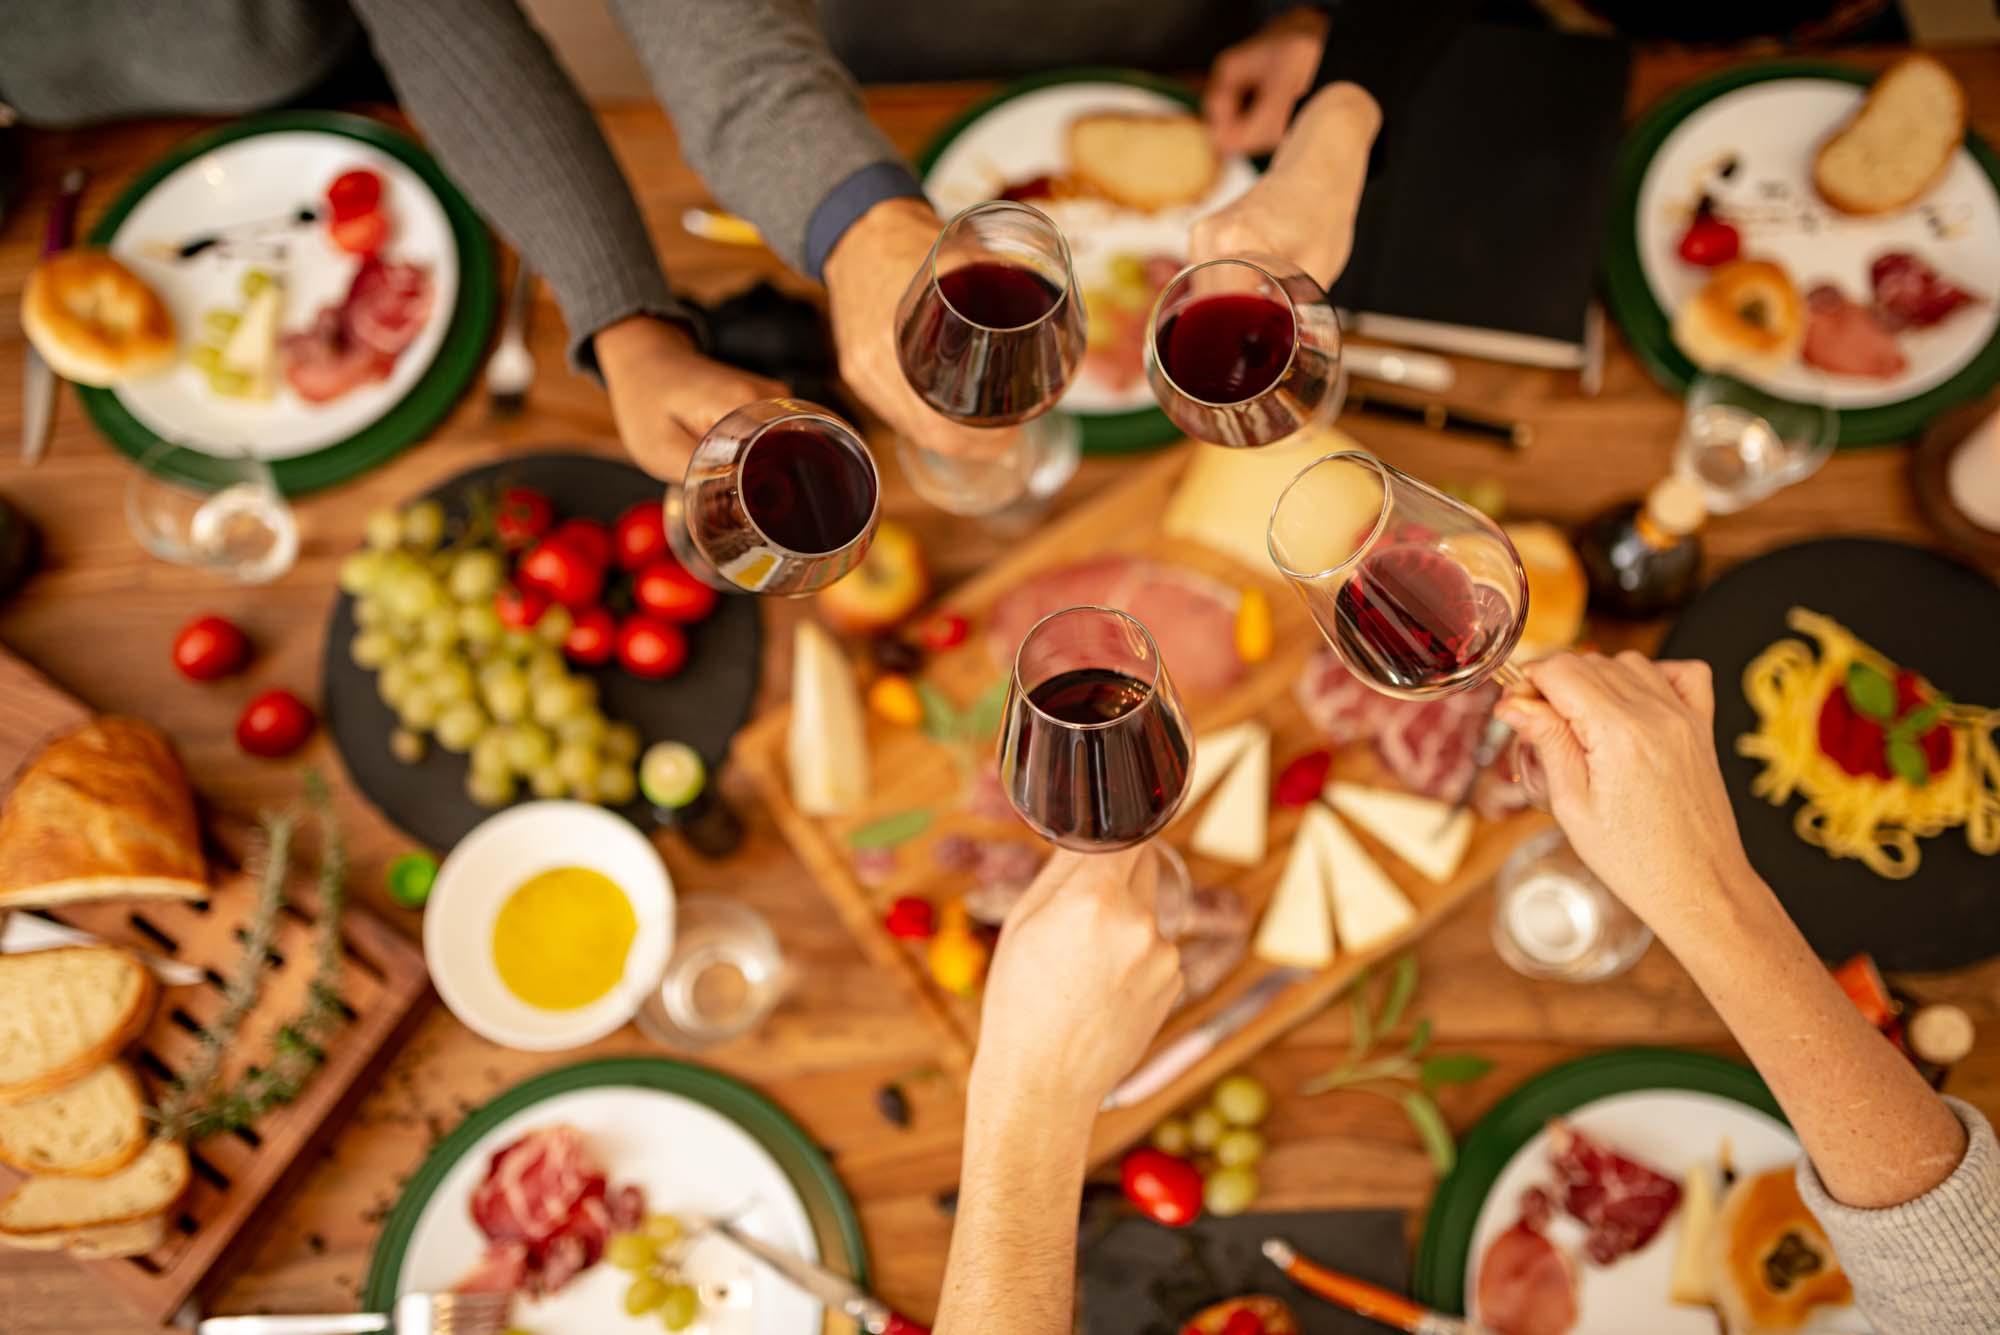 Corsi Di Cucina Cene Aziendali a Perugia